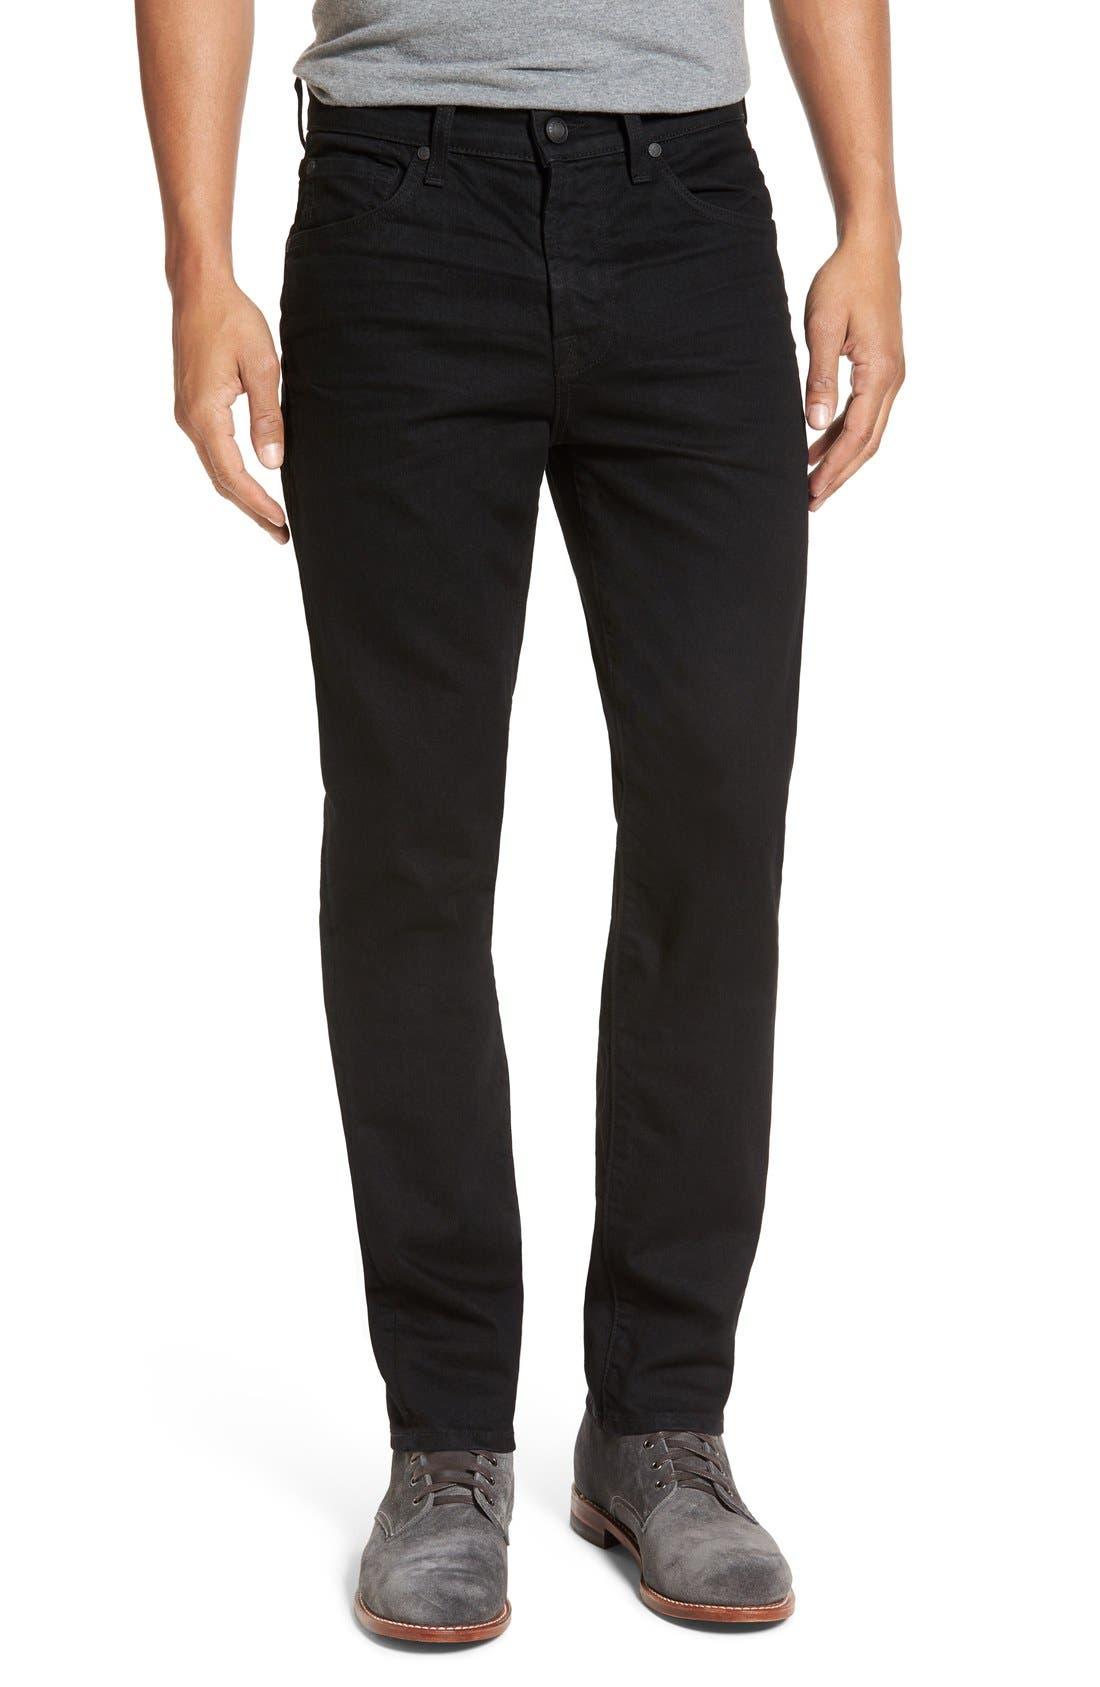 Slimmy Slim Fit Jeans,                             Main thumbnail 1, color,                             004